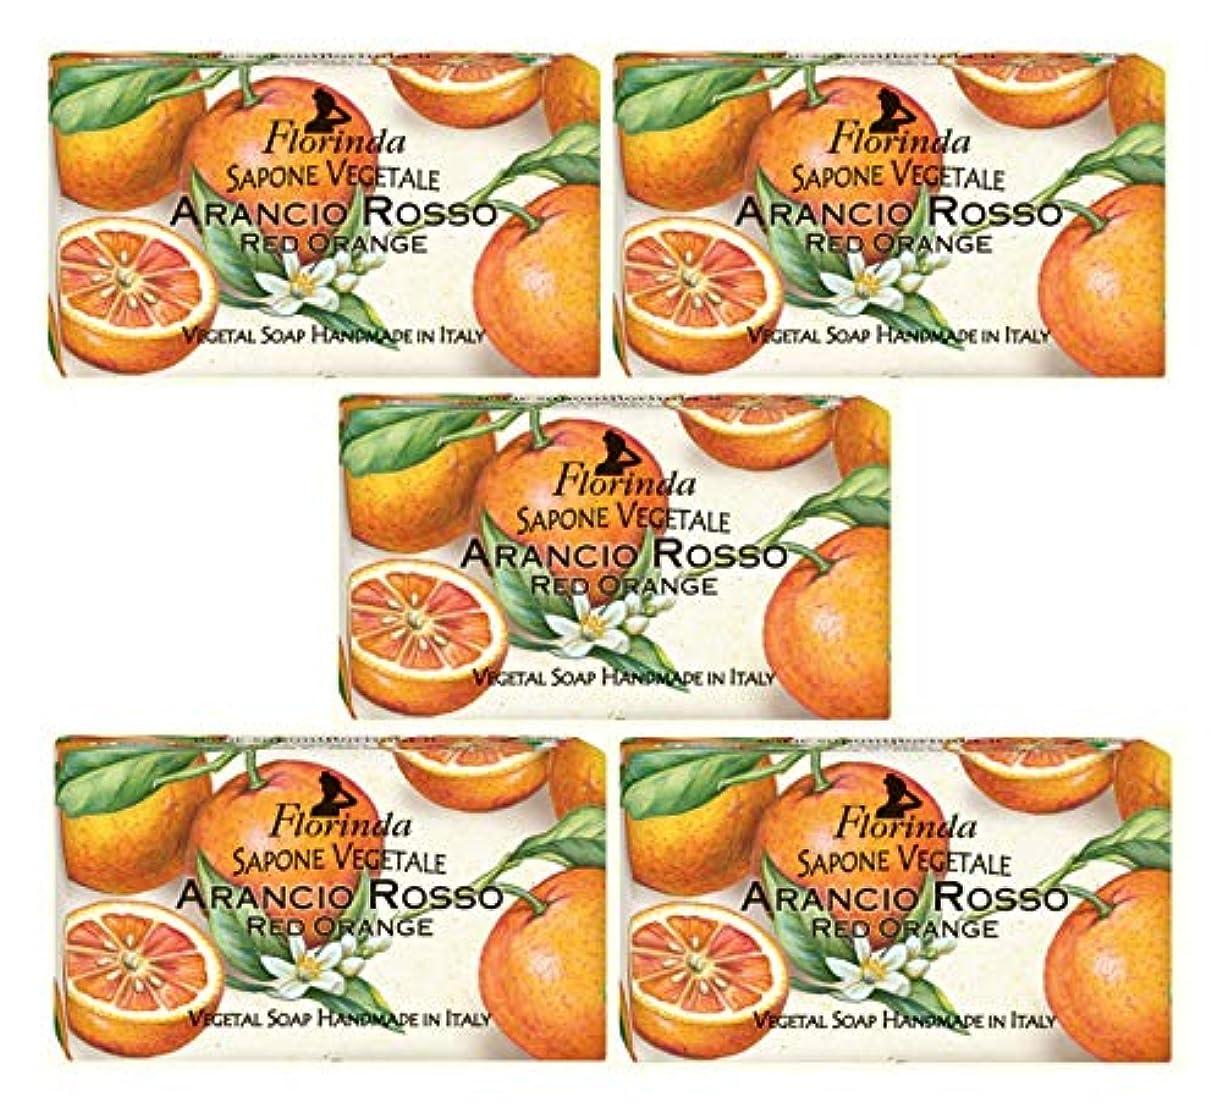 わかる大胆な統合フロリンダ フレグランスソープ 固形石けん フルーツの香り レッドオレンジ 95g×5個セット